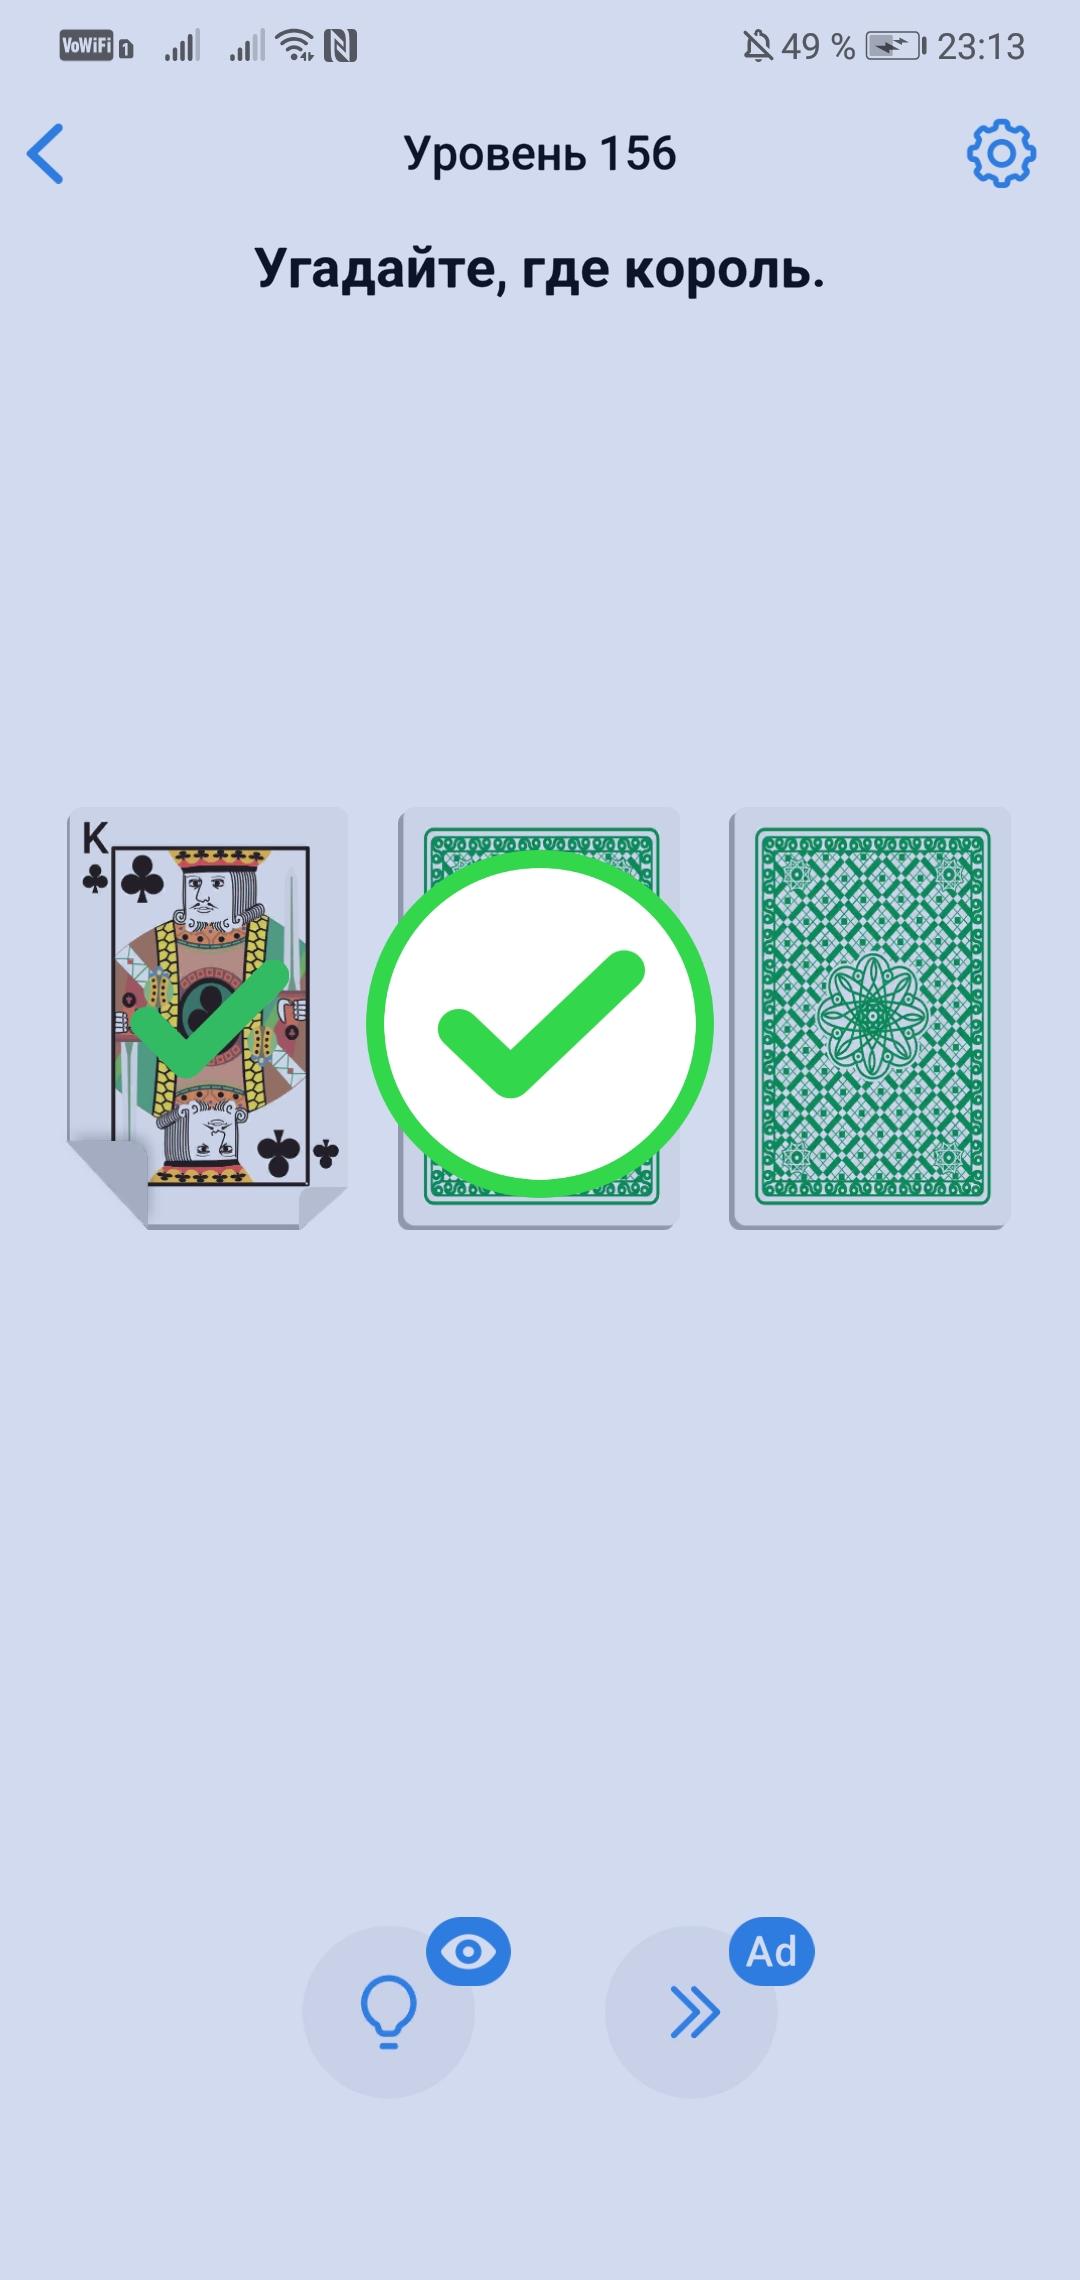 Easy Game - 156 уровень - Угадайте, где король.